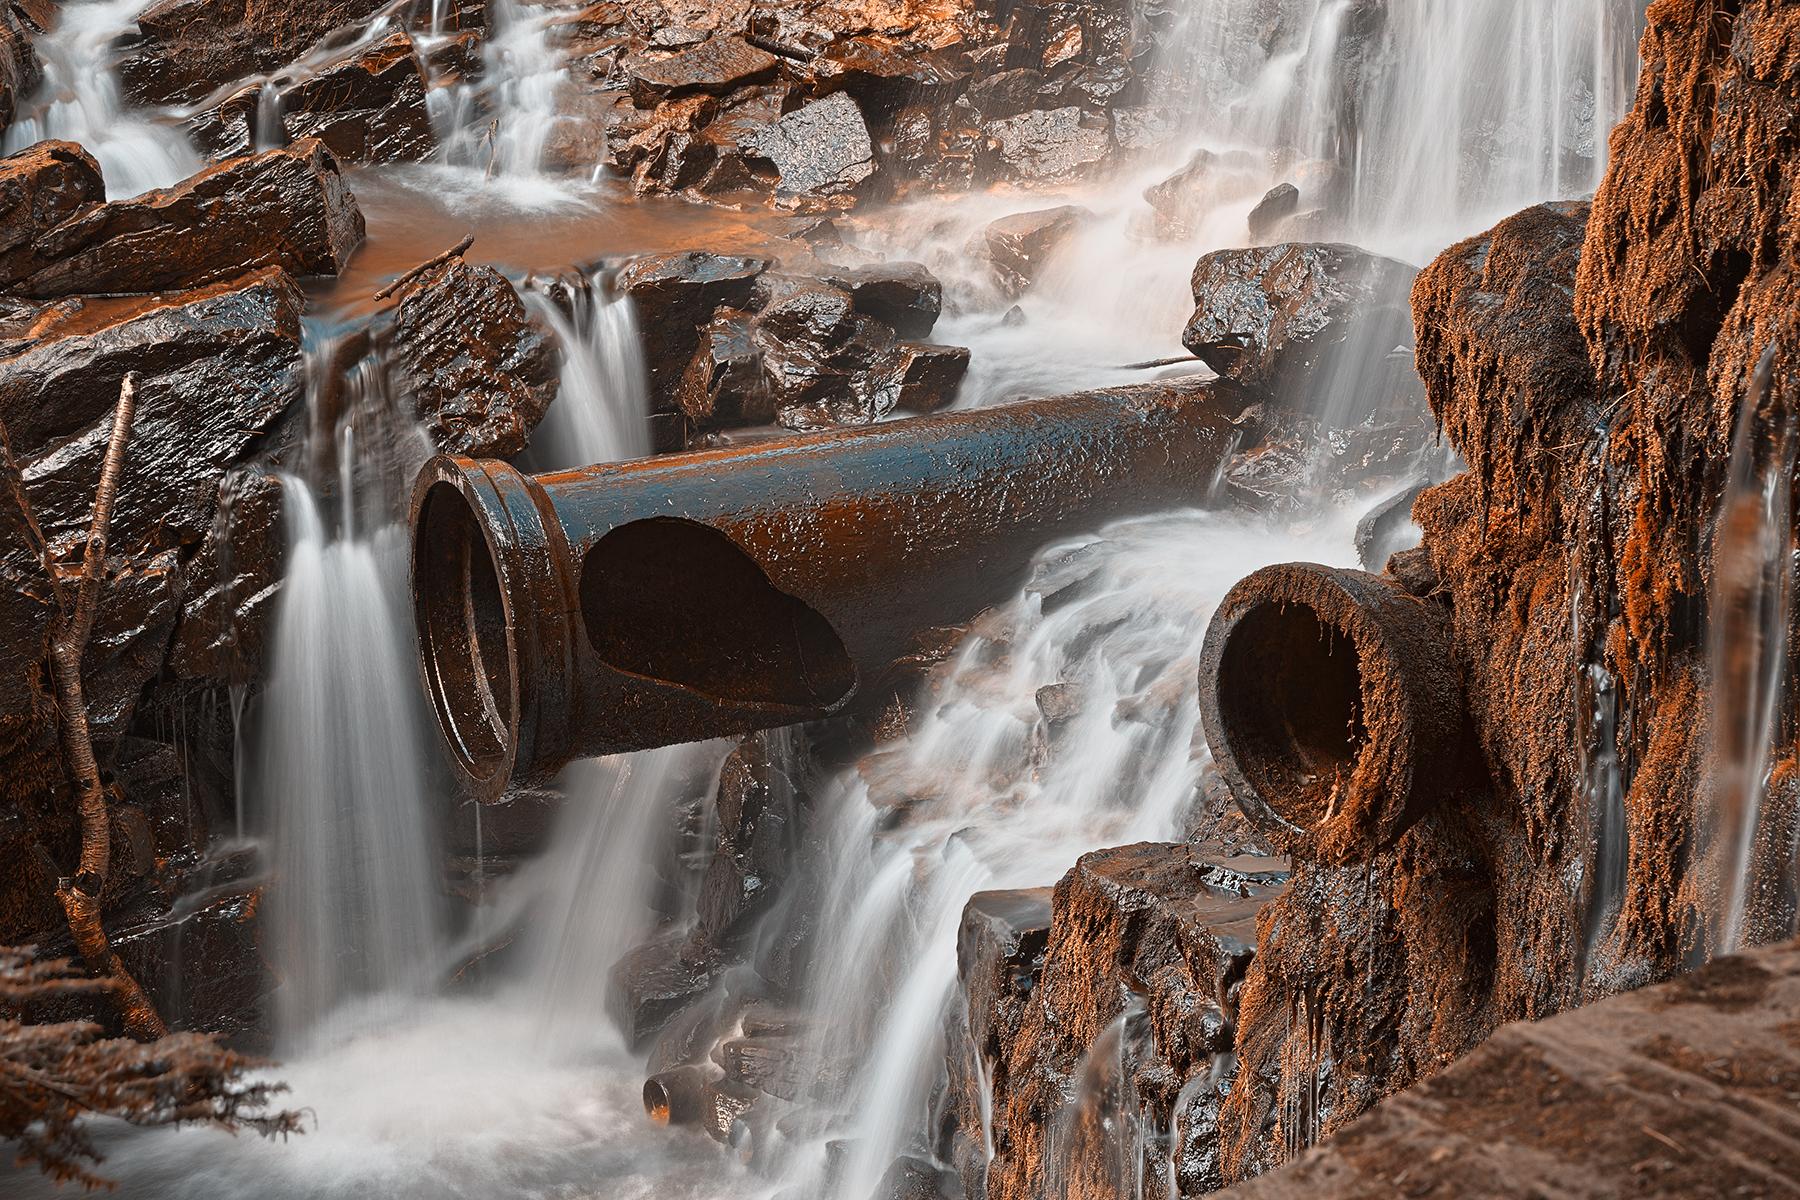 Rustic dam falls - hdr photo